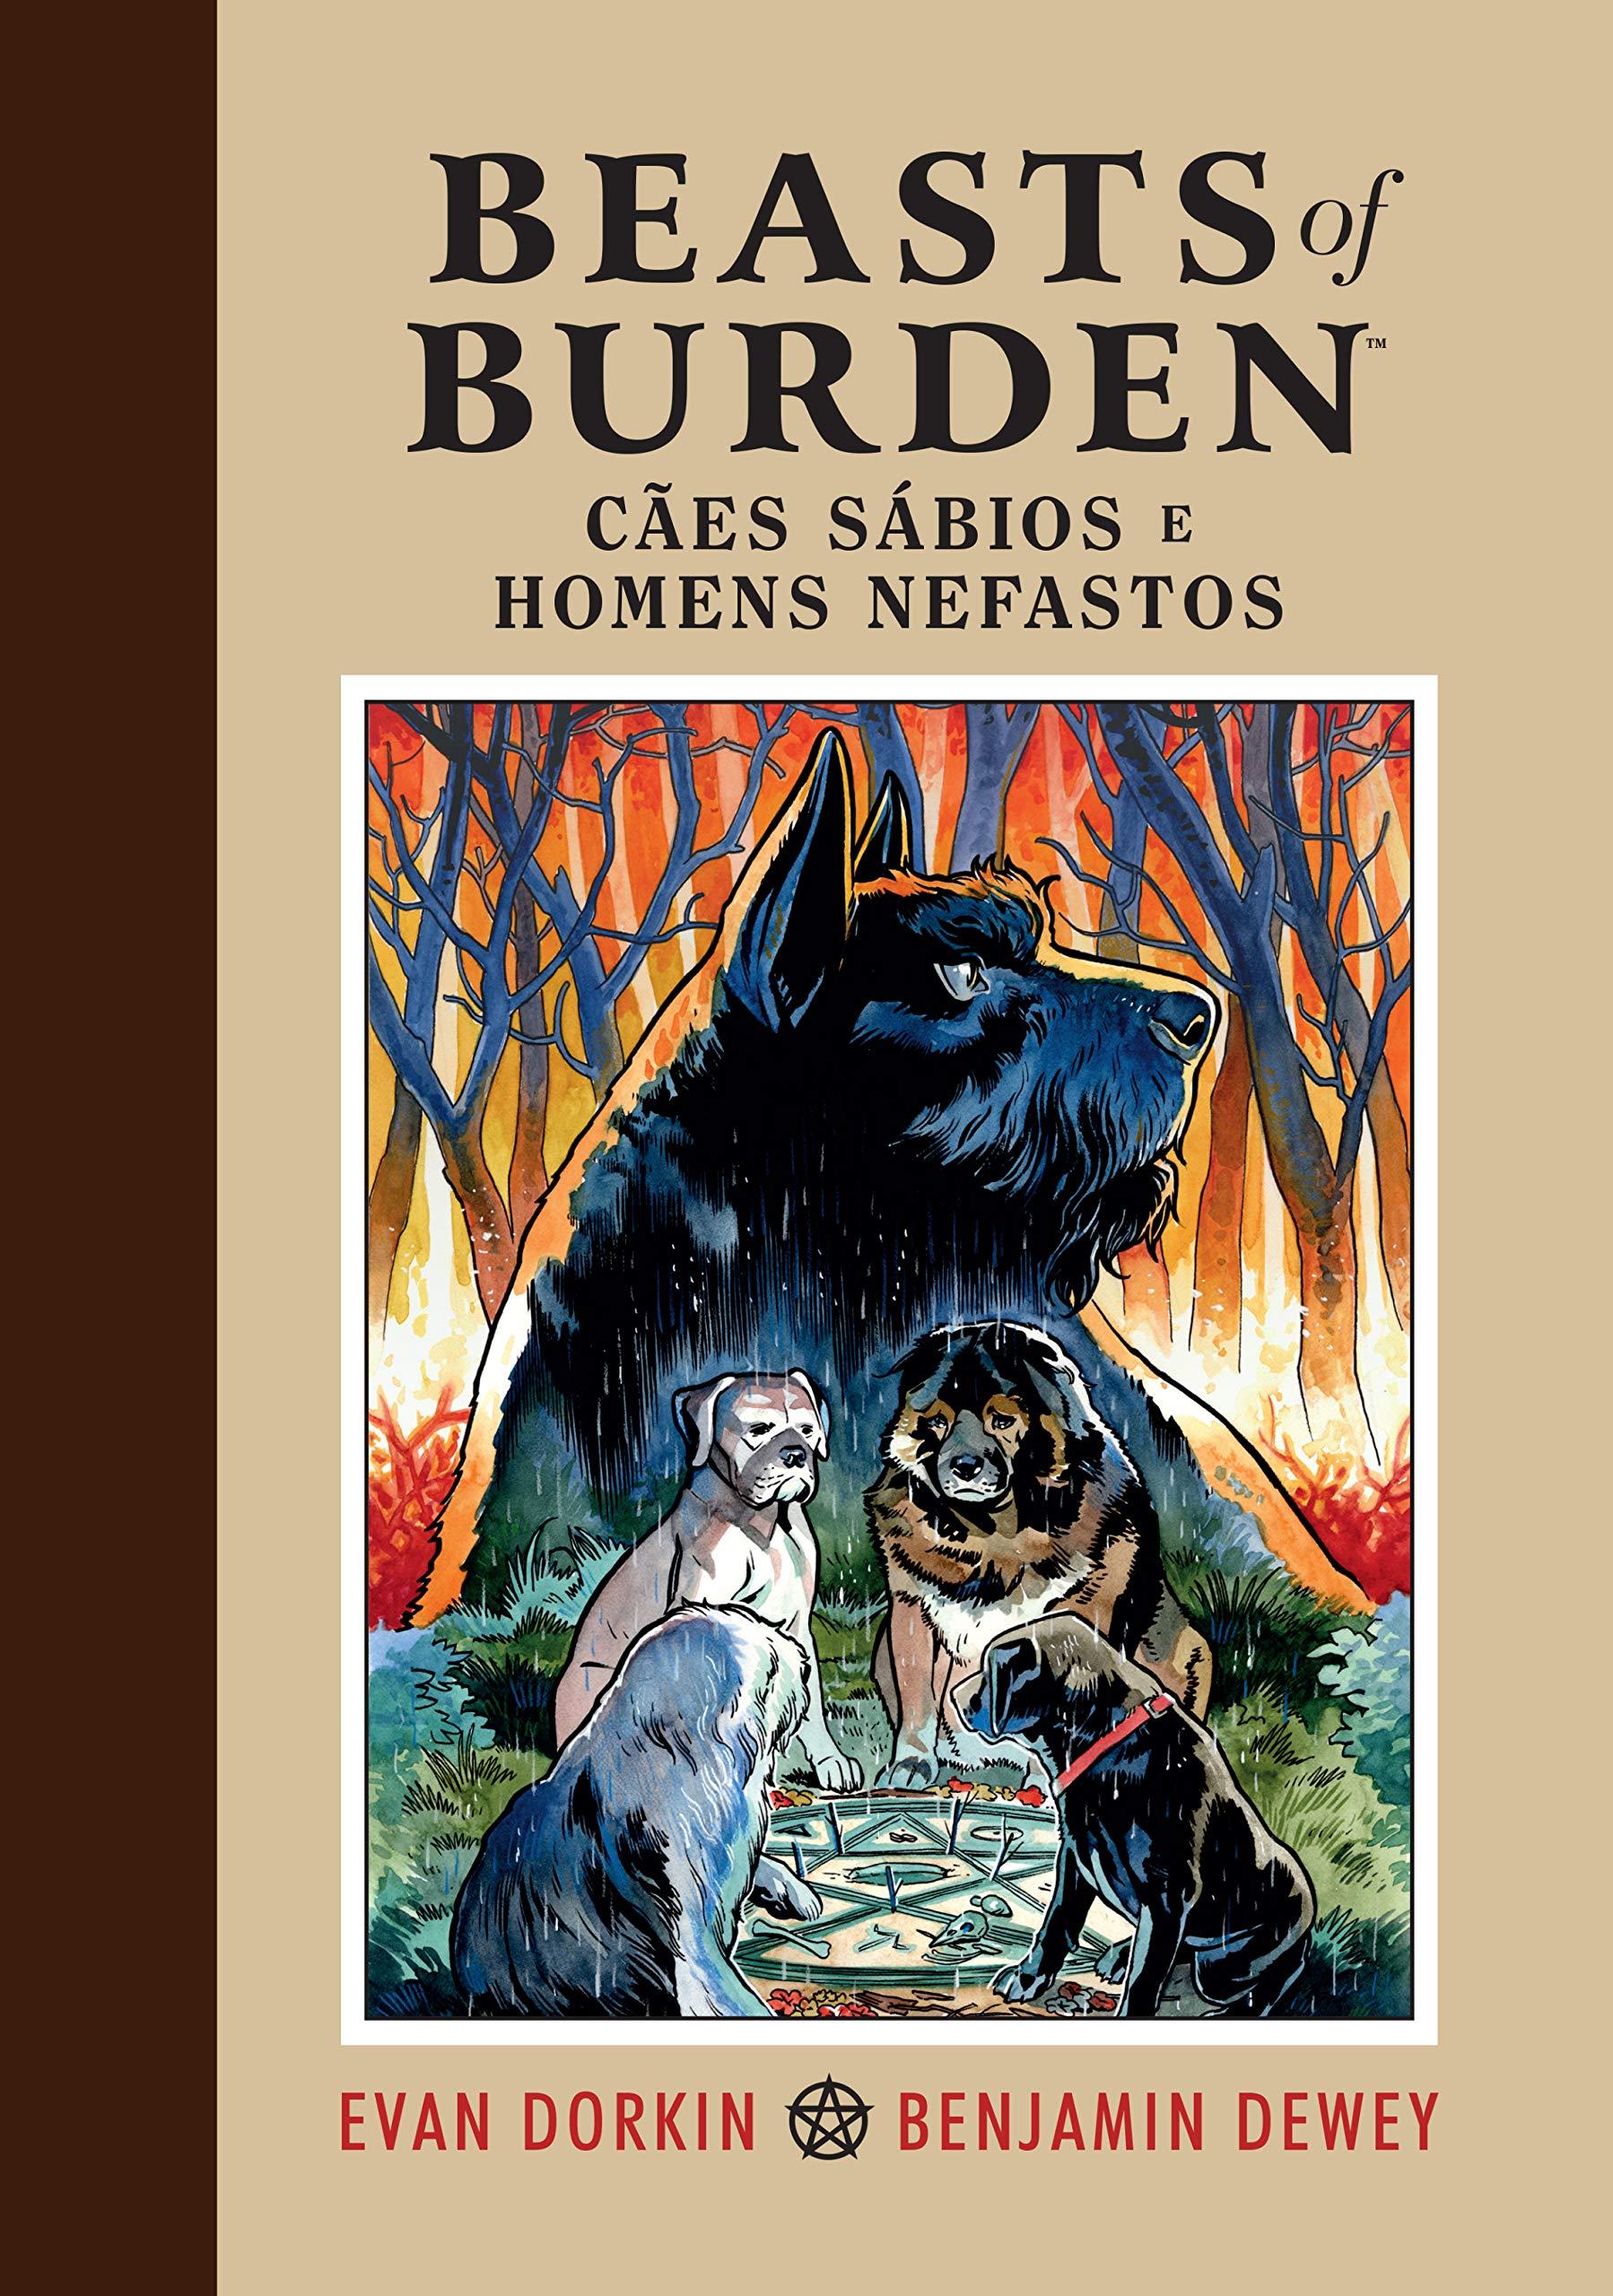 Beasts of Burden: Cães Sábios e Homens Nefastos